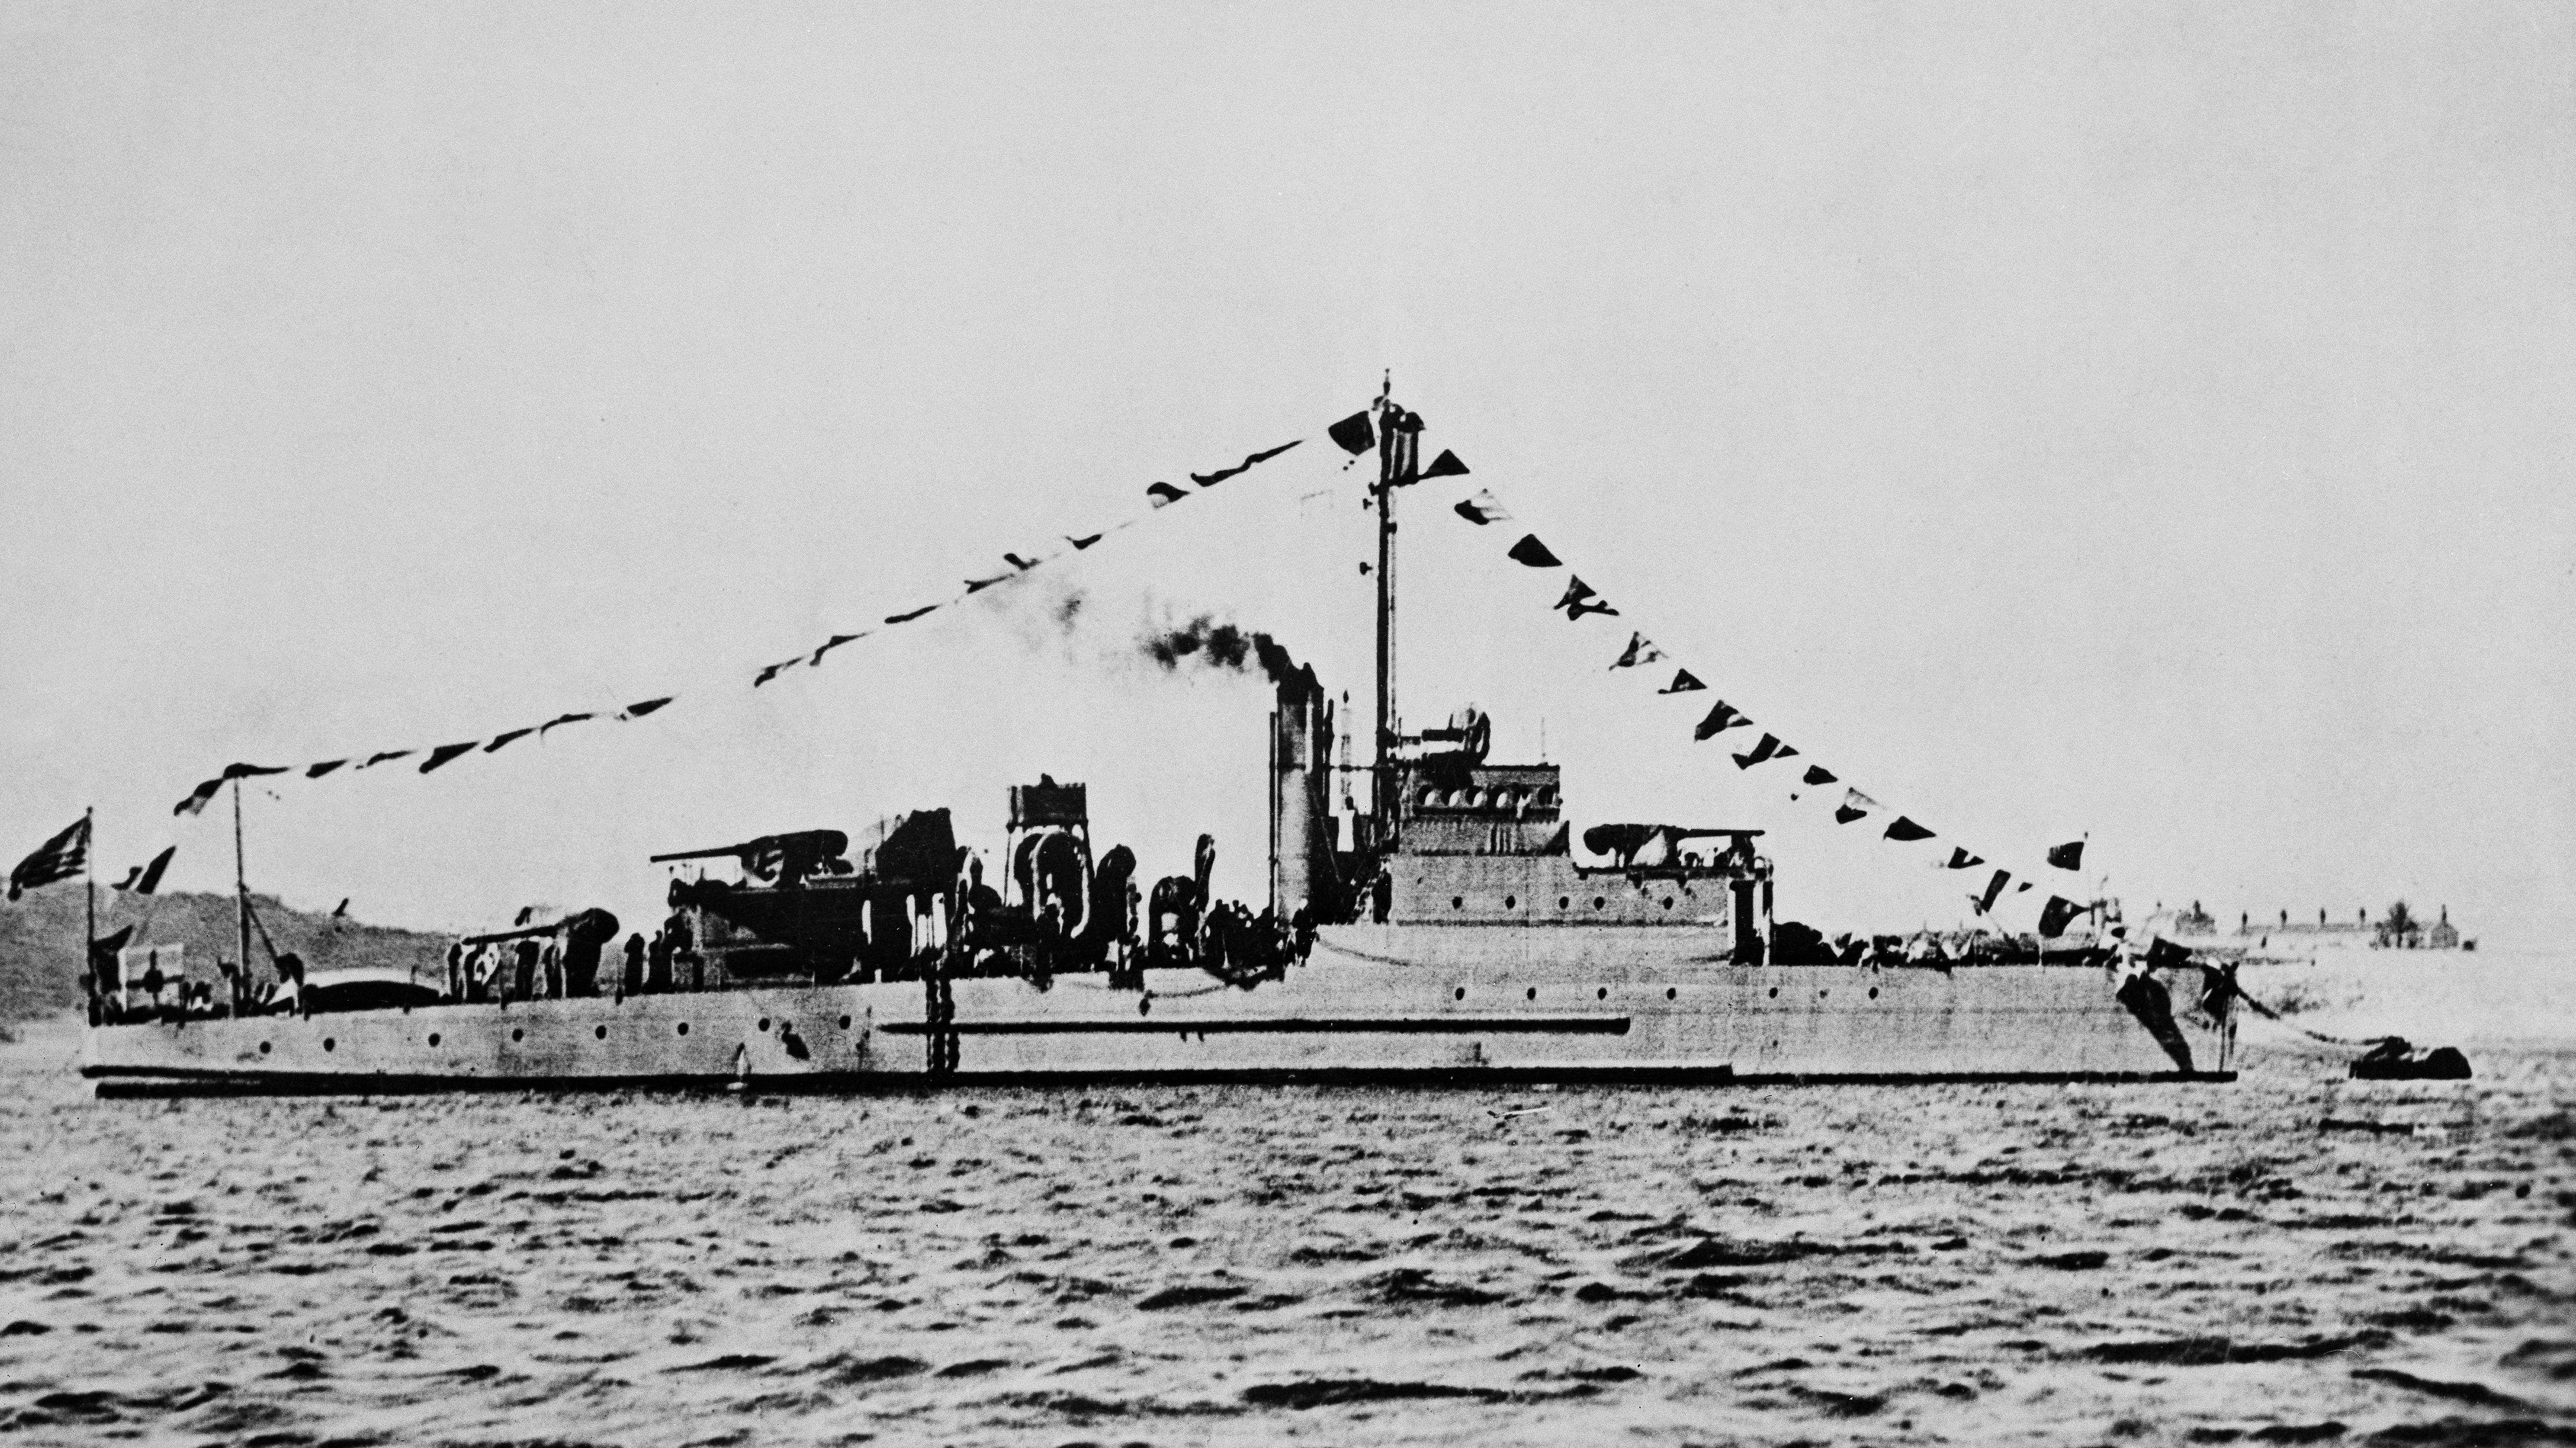 Undatiertes Foto eines Eagle-Kriegsschiffes, ähnlich der USS Eagle PE-56, deren Wrack vor der US-Ostküste entdeckt wurde.